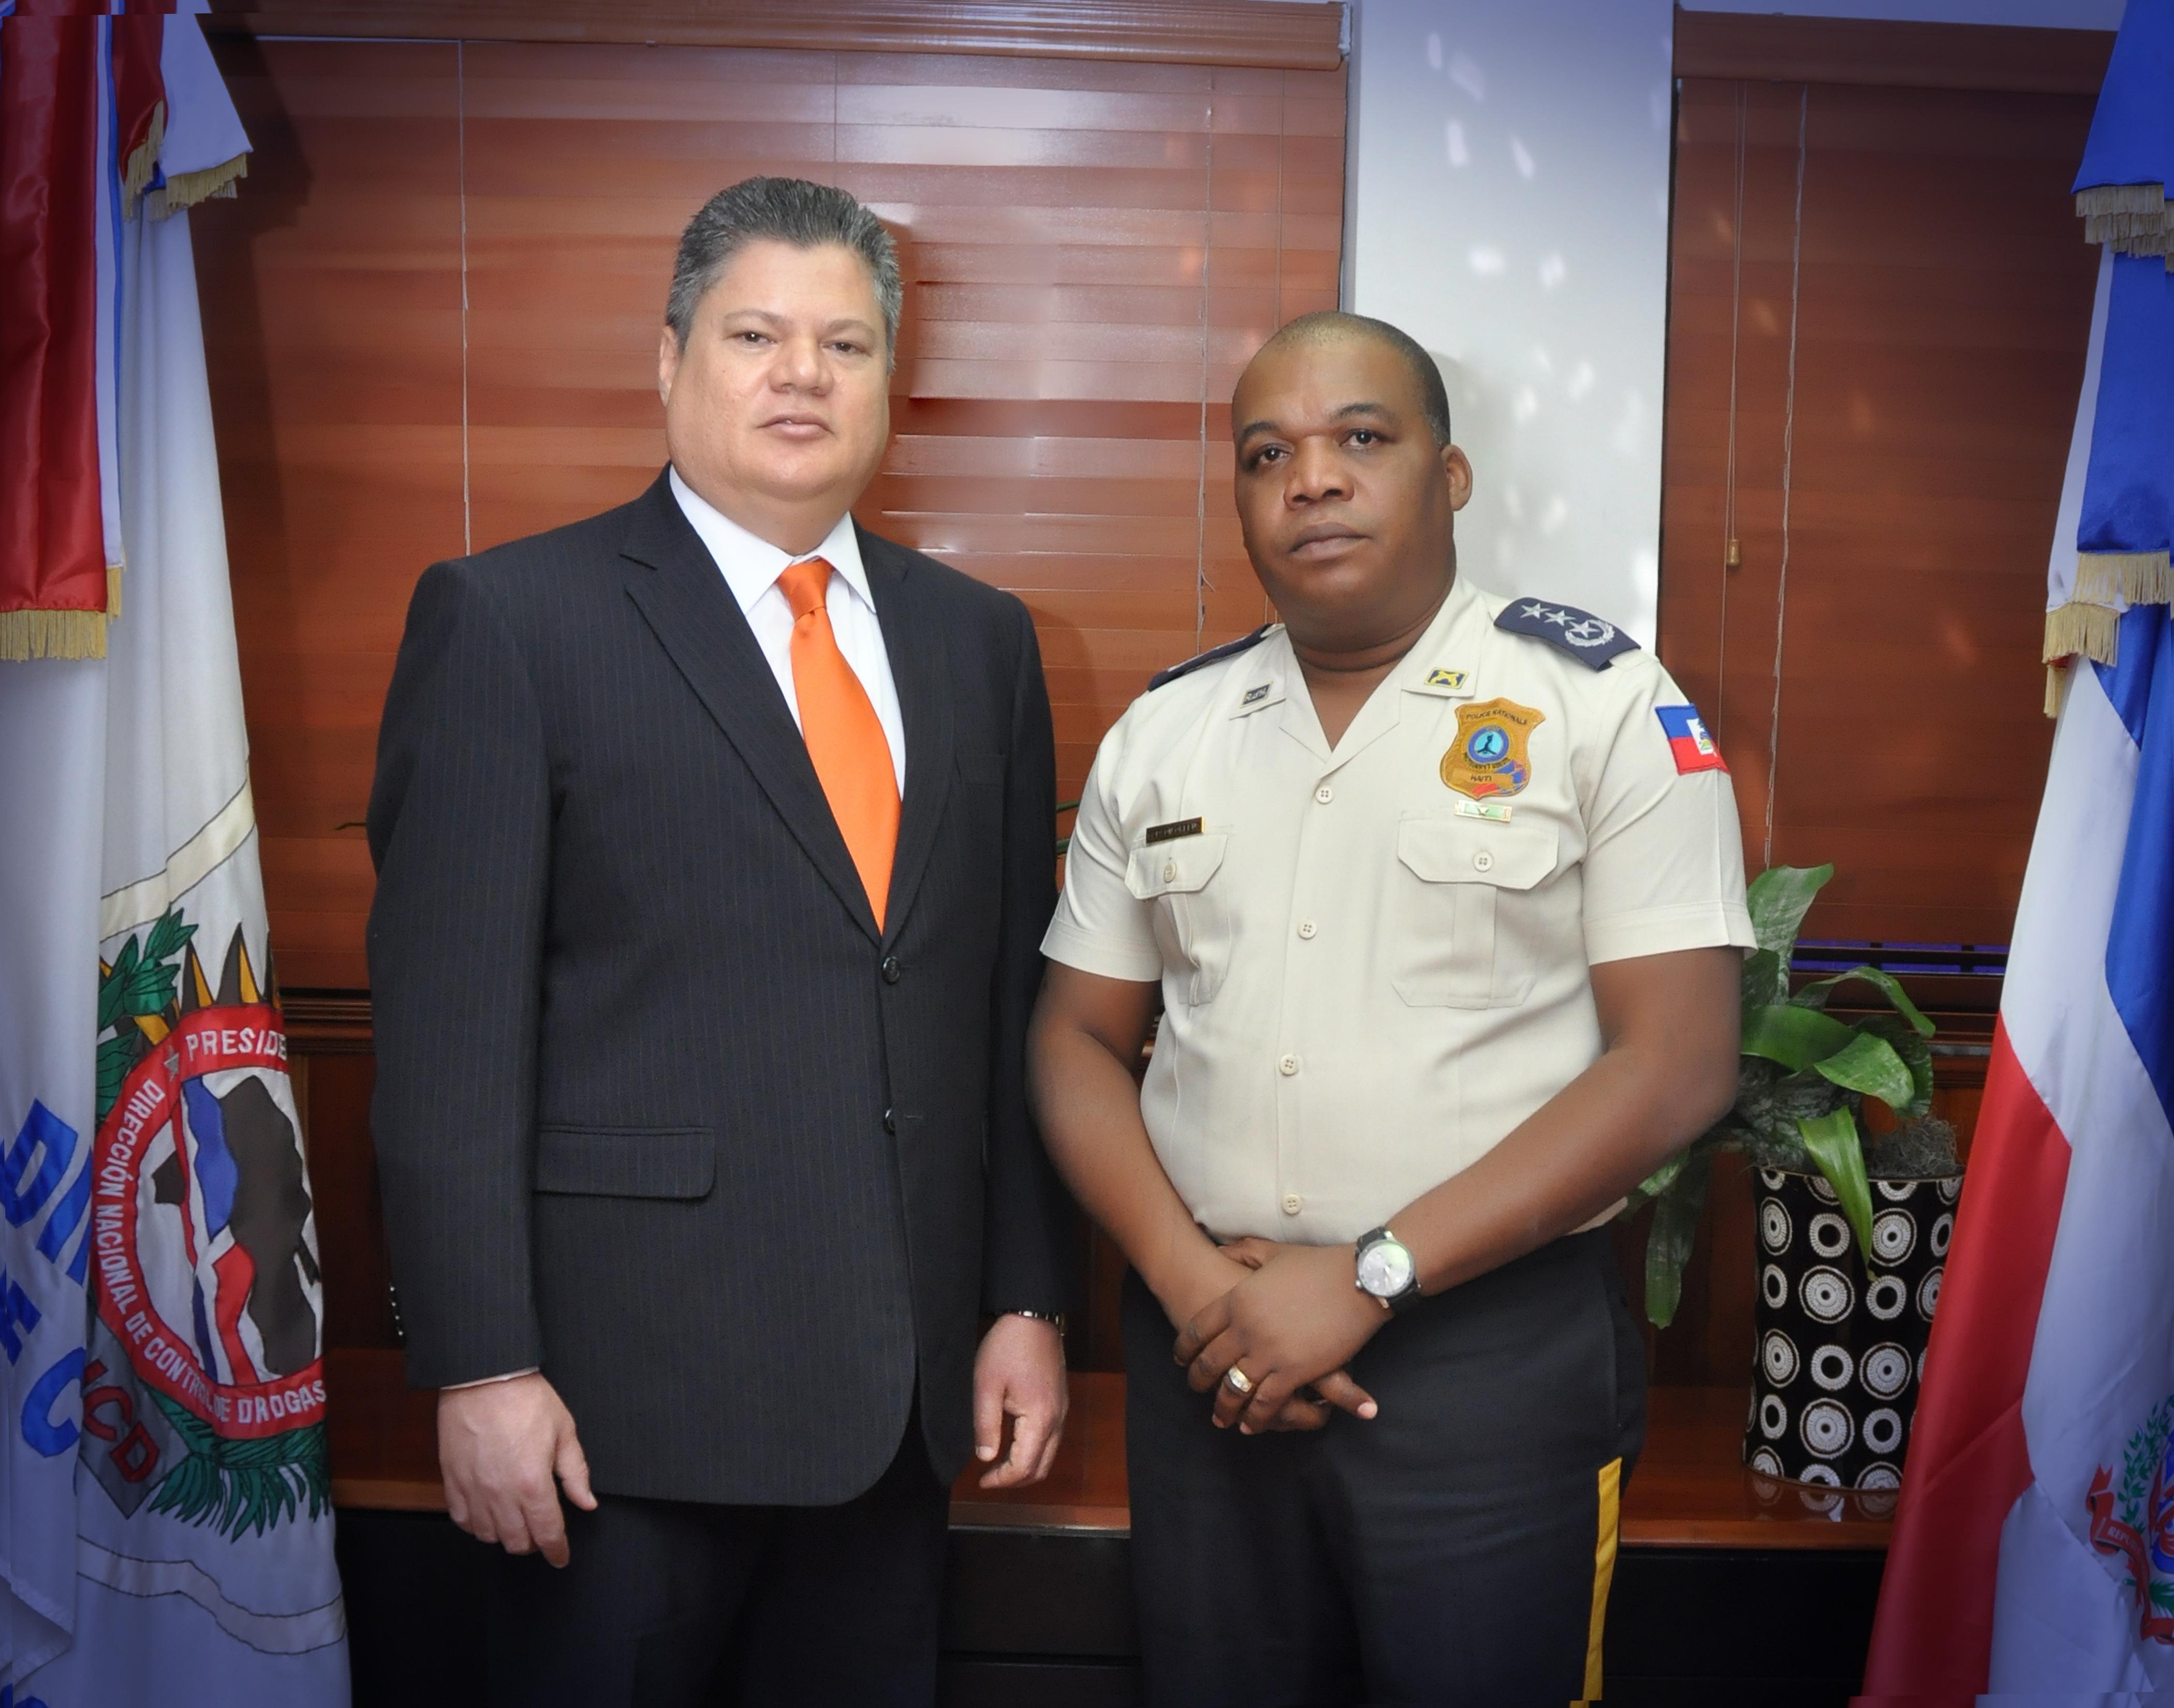 Presidente DNCD y jefe policía de  Haití coordinan acciones contra narcotráfico